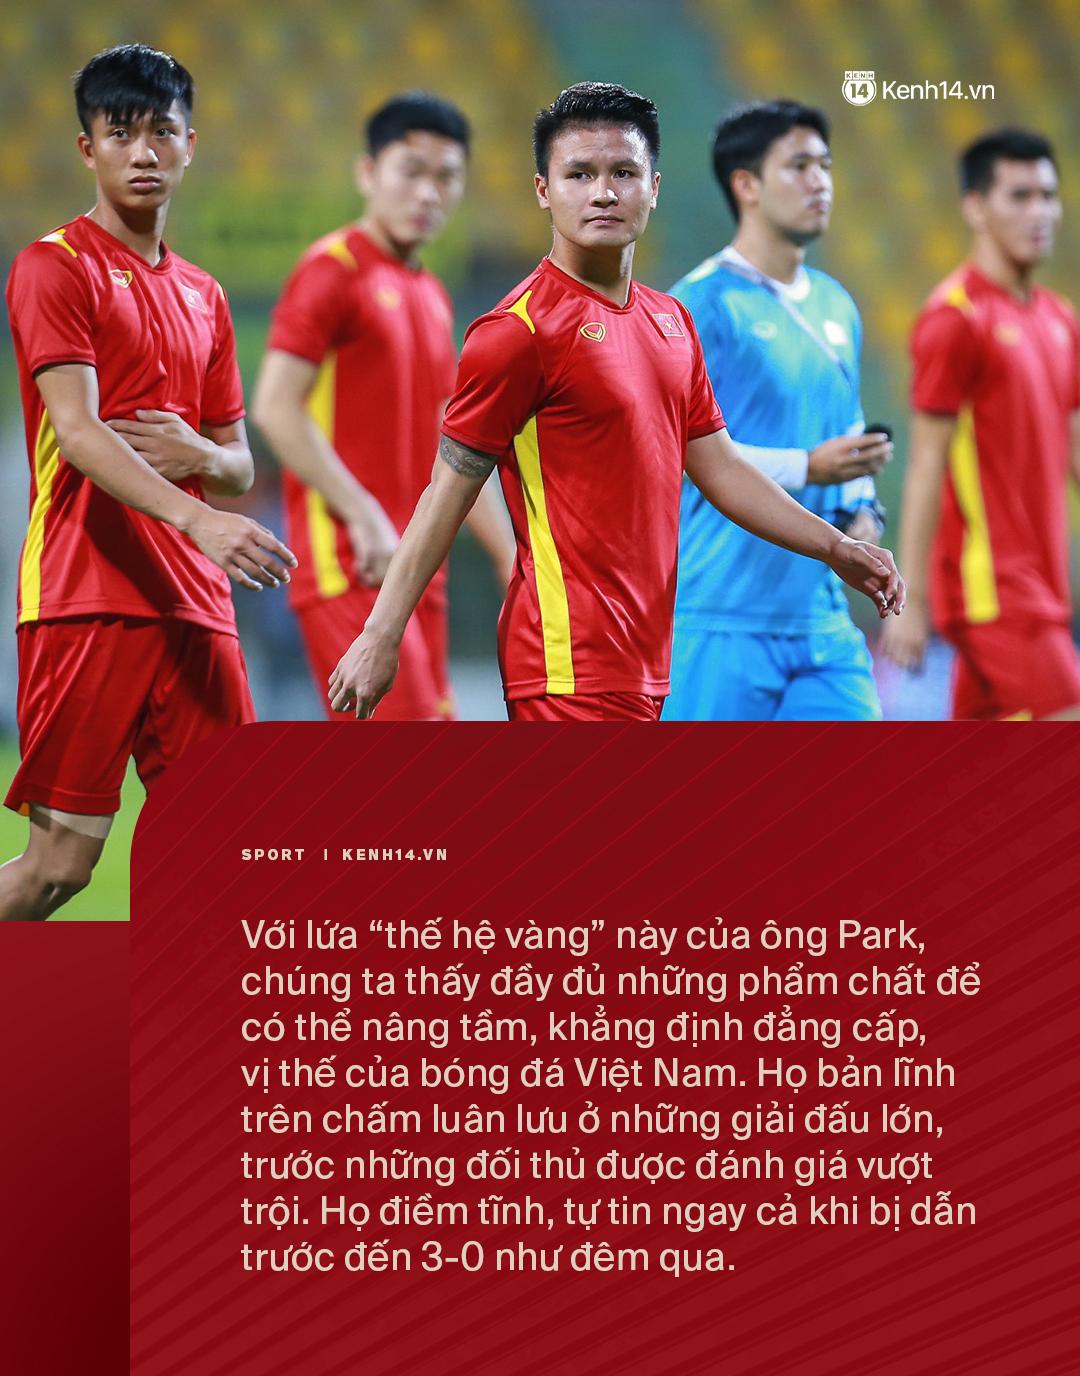 Thua một trận, thắng cả chiến dịch: Và lịch sử bóng đá Việt Nam vẫn đang được viết tiếp! - Ảnh 7.